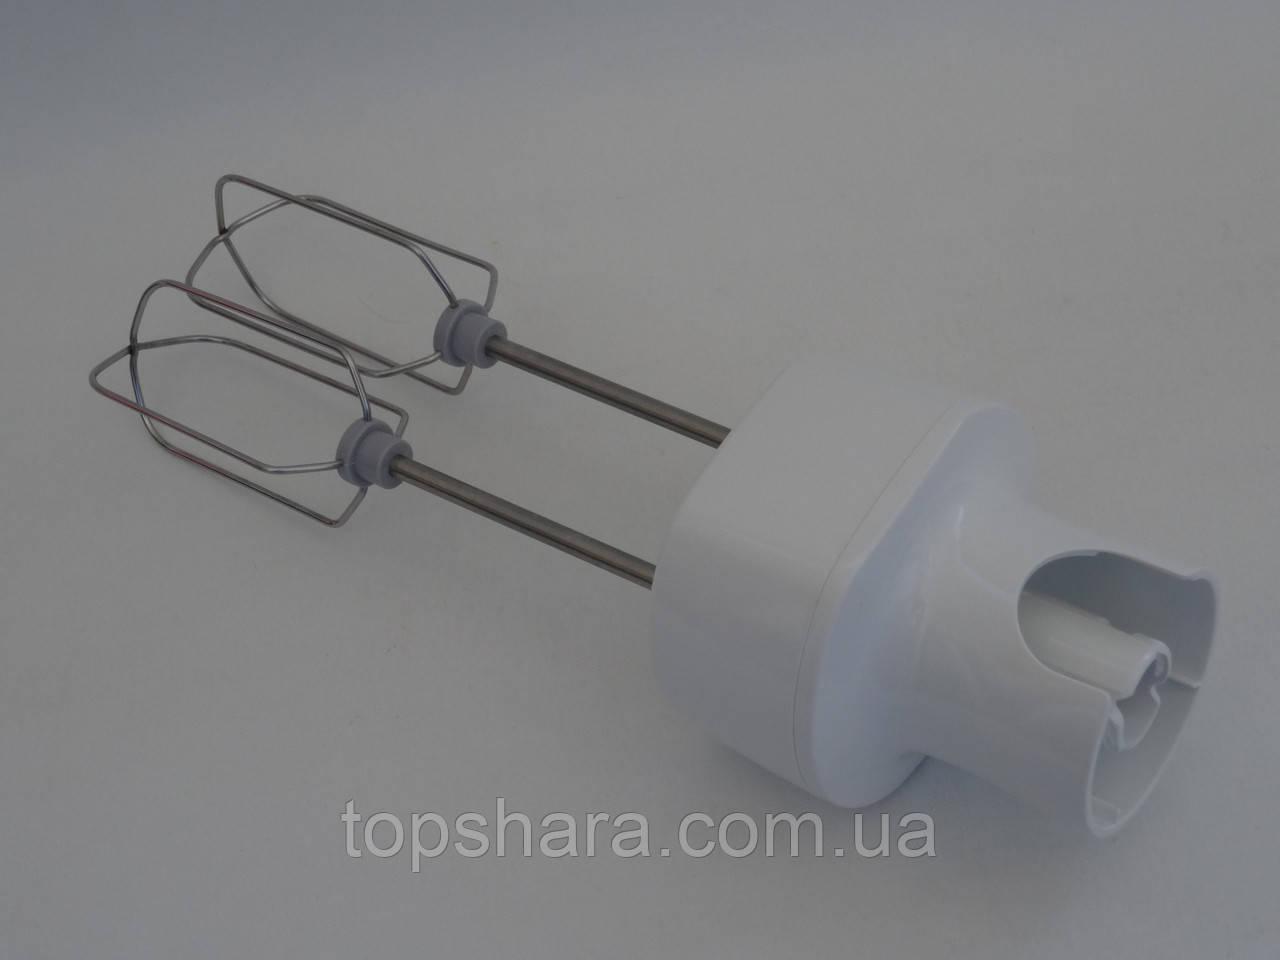 Насадка миксер с двумя венчиками для ручного блендера Philips HR2644 HR1643 HR2645 HR2642 HR1673